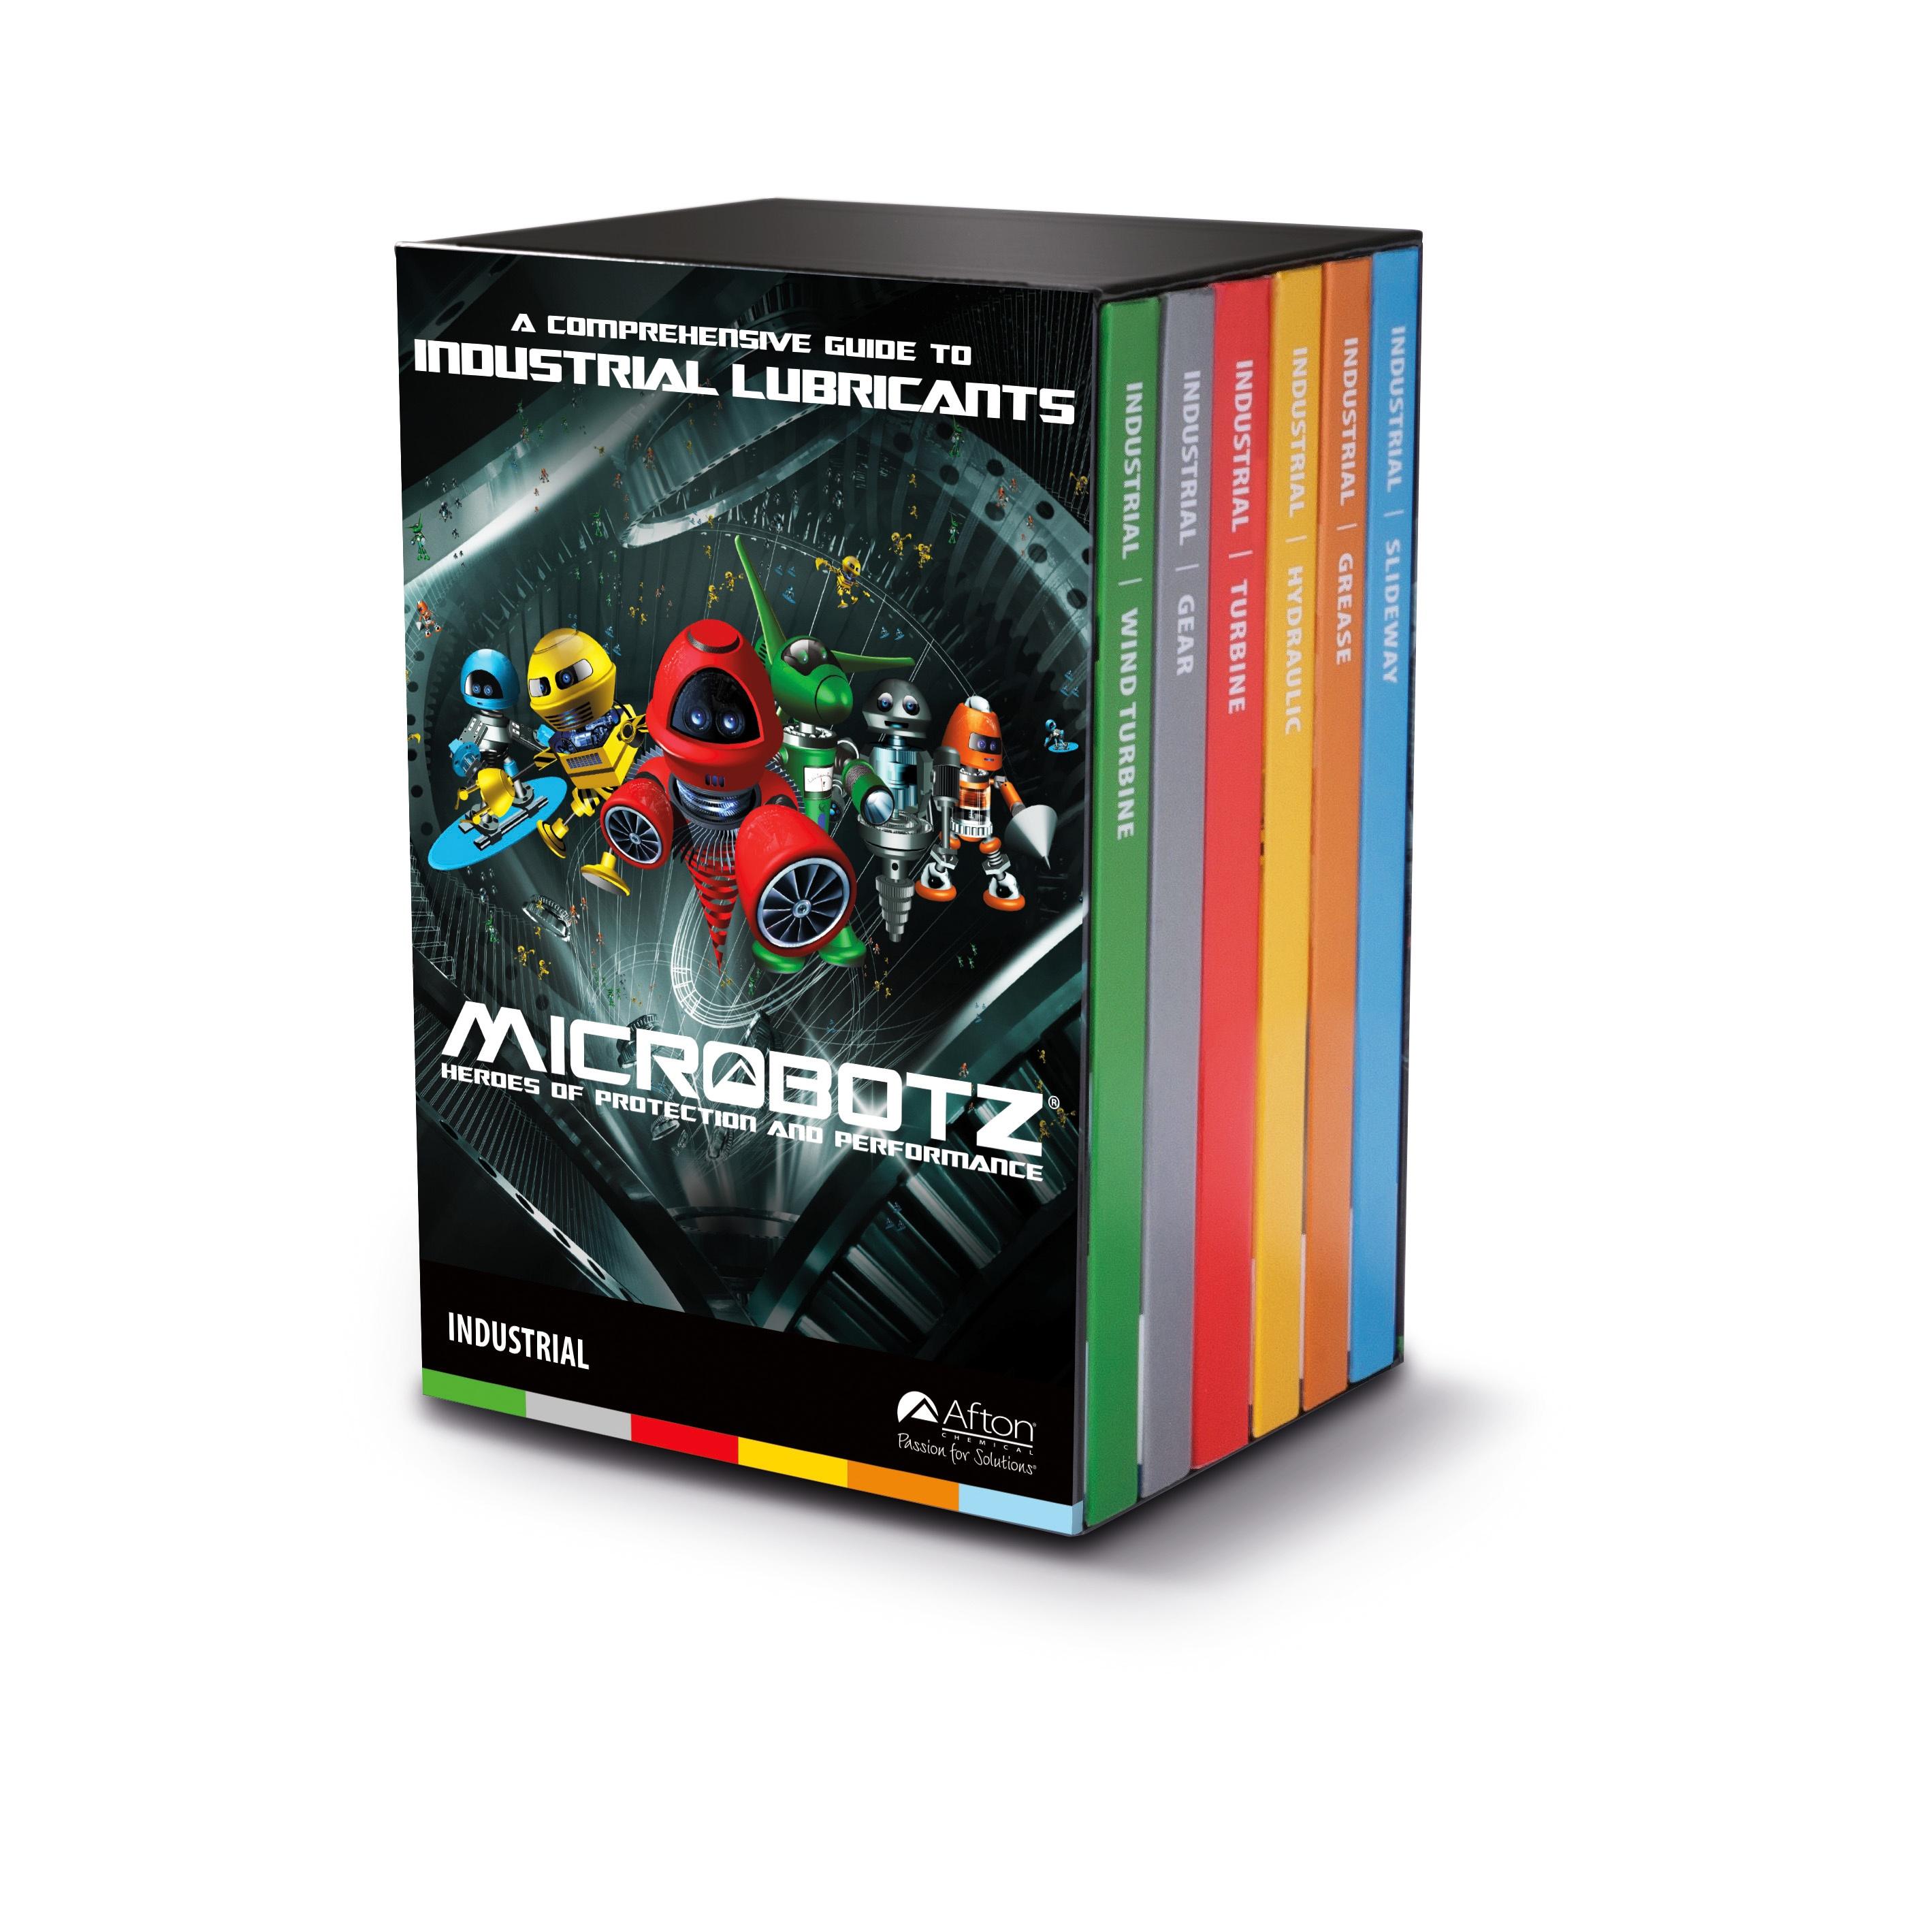 Microbotz_BoxSet.jpg